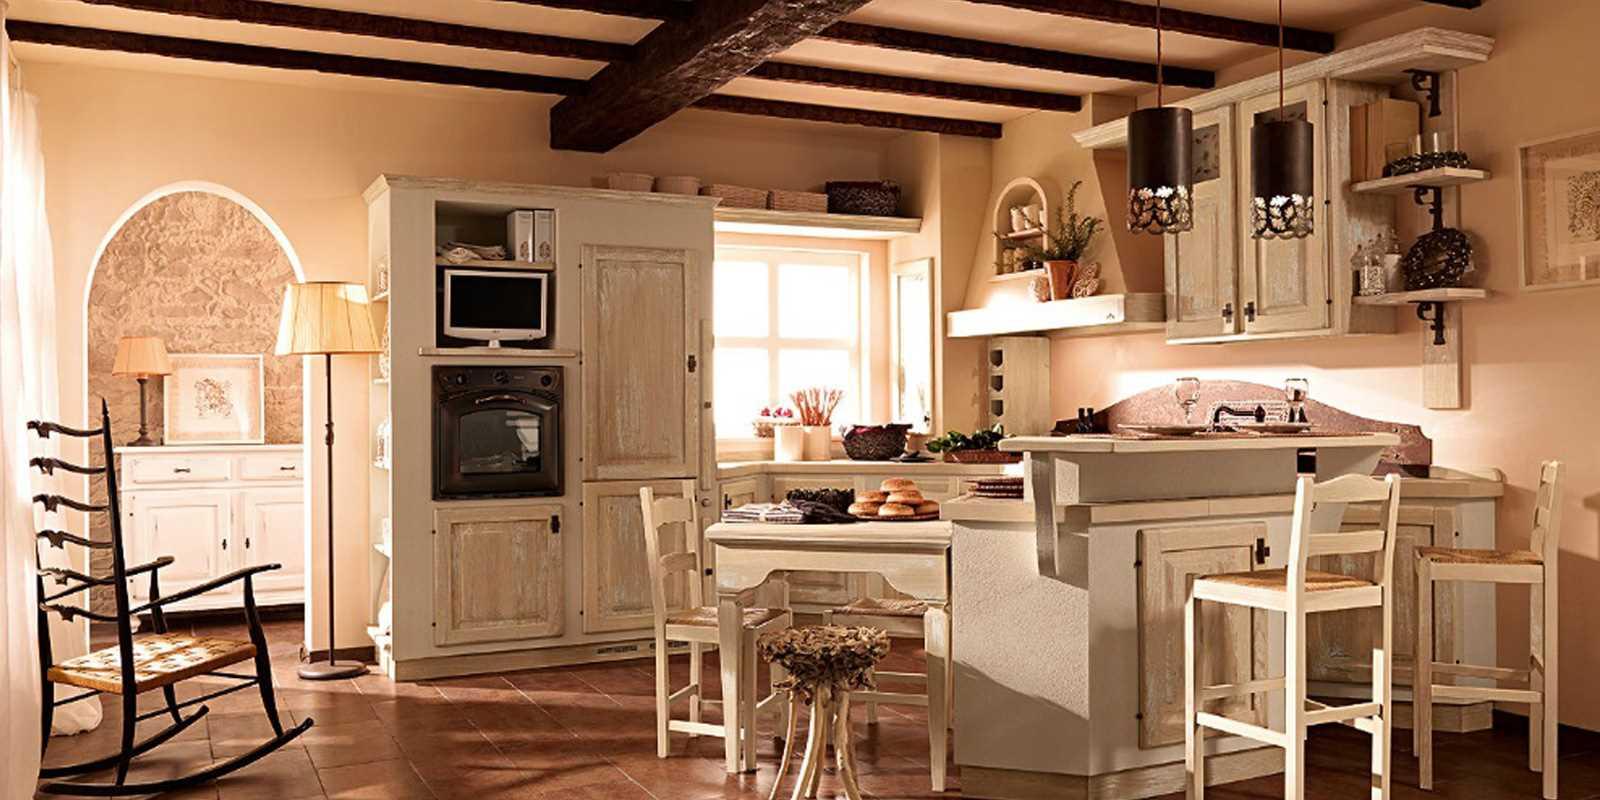 cucina zappalorto modello sogno